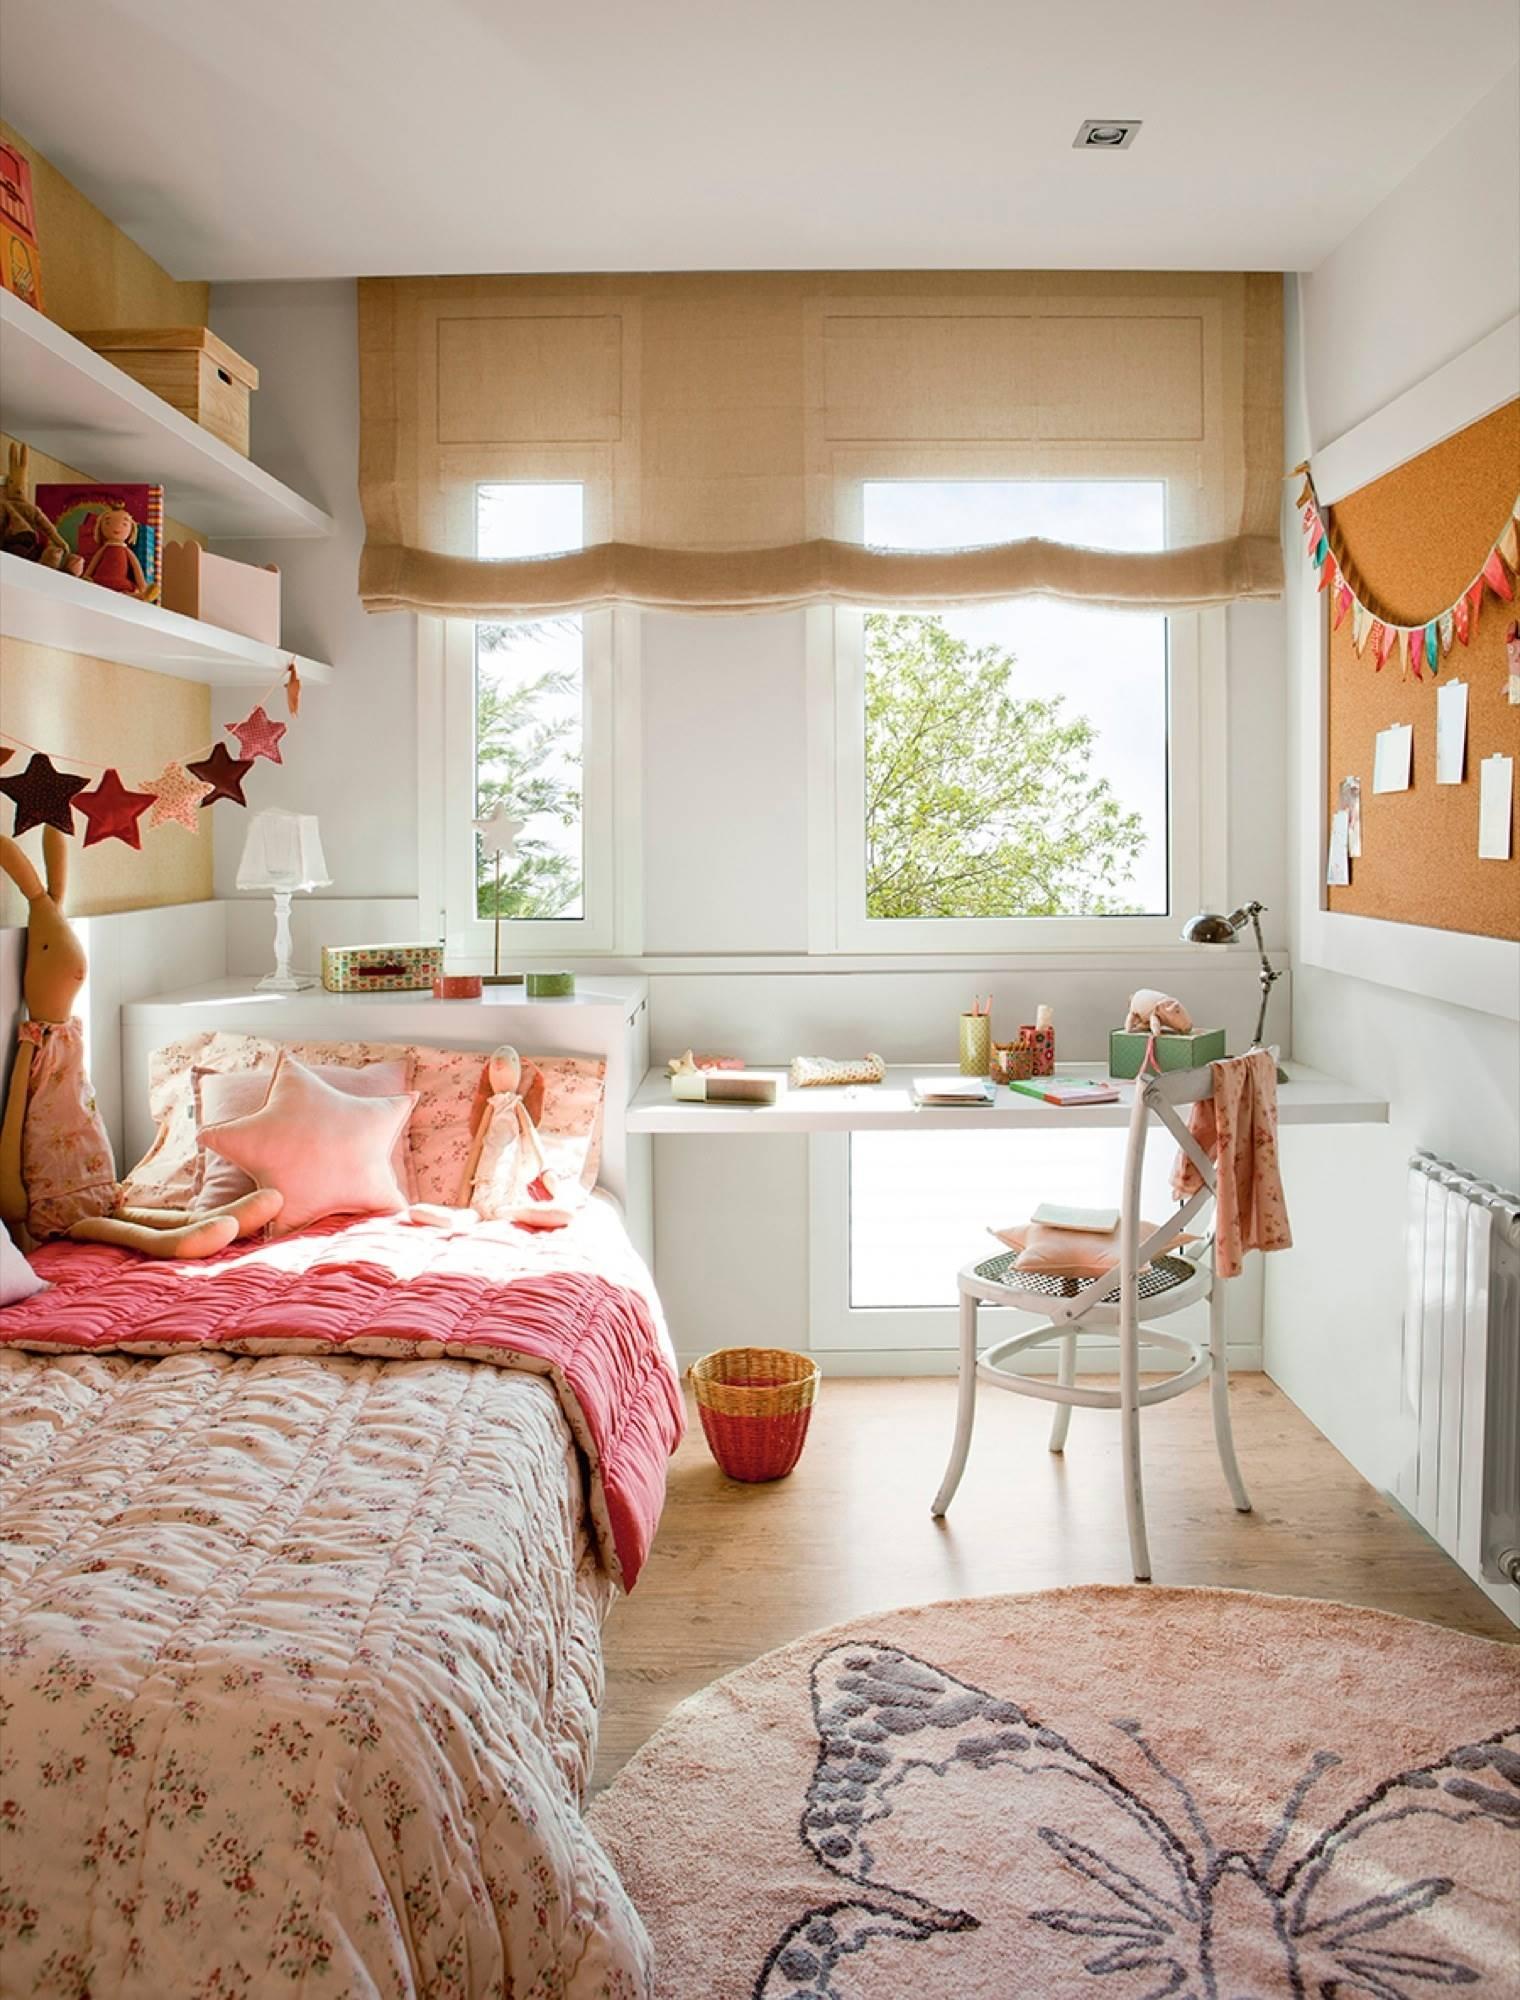 Habitación juvenil con estores en la ventana alfombra y escritorio con silla_394752. Un dormitorio juvenil color rosa